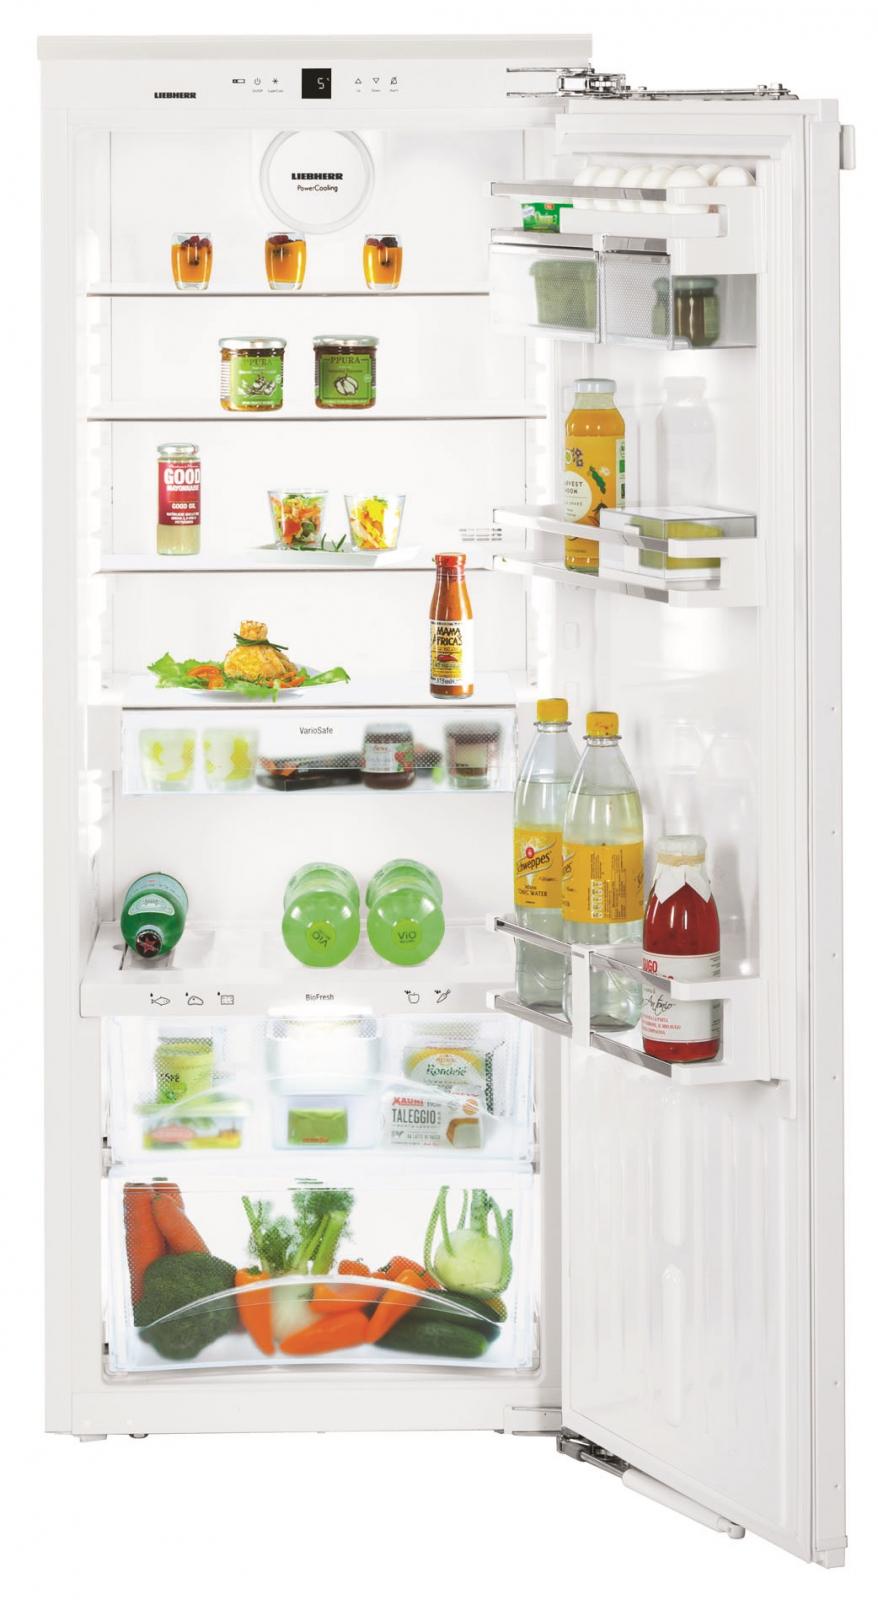 купить Встраиваемый однокамерный холодильник Liebherr IKBP 2760 Украина фото 0